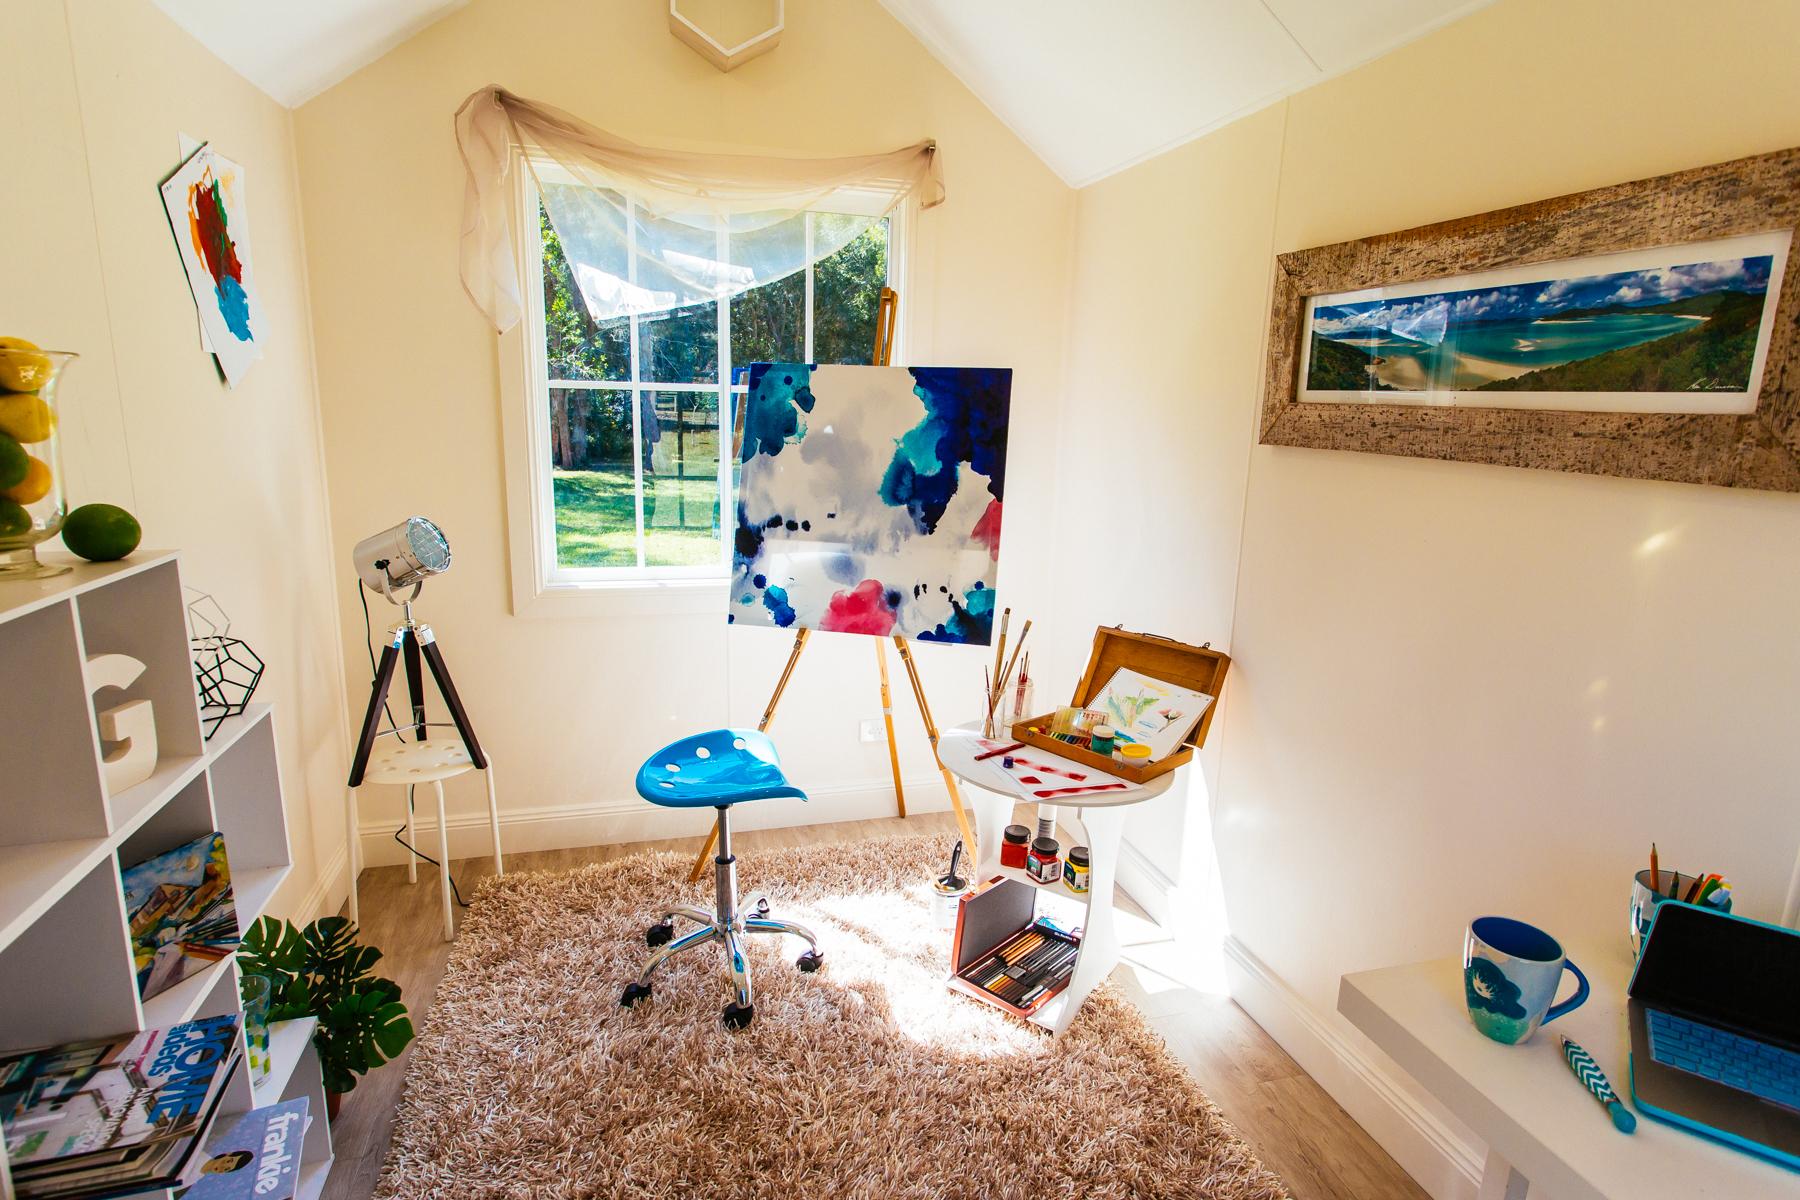 Studio Series 3600 Tiny House Interior